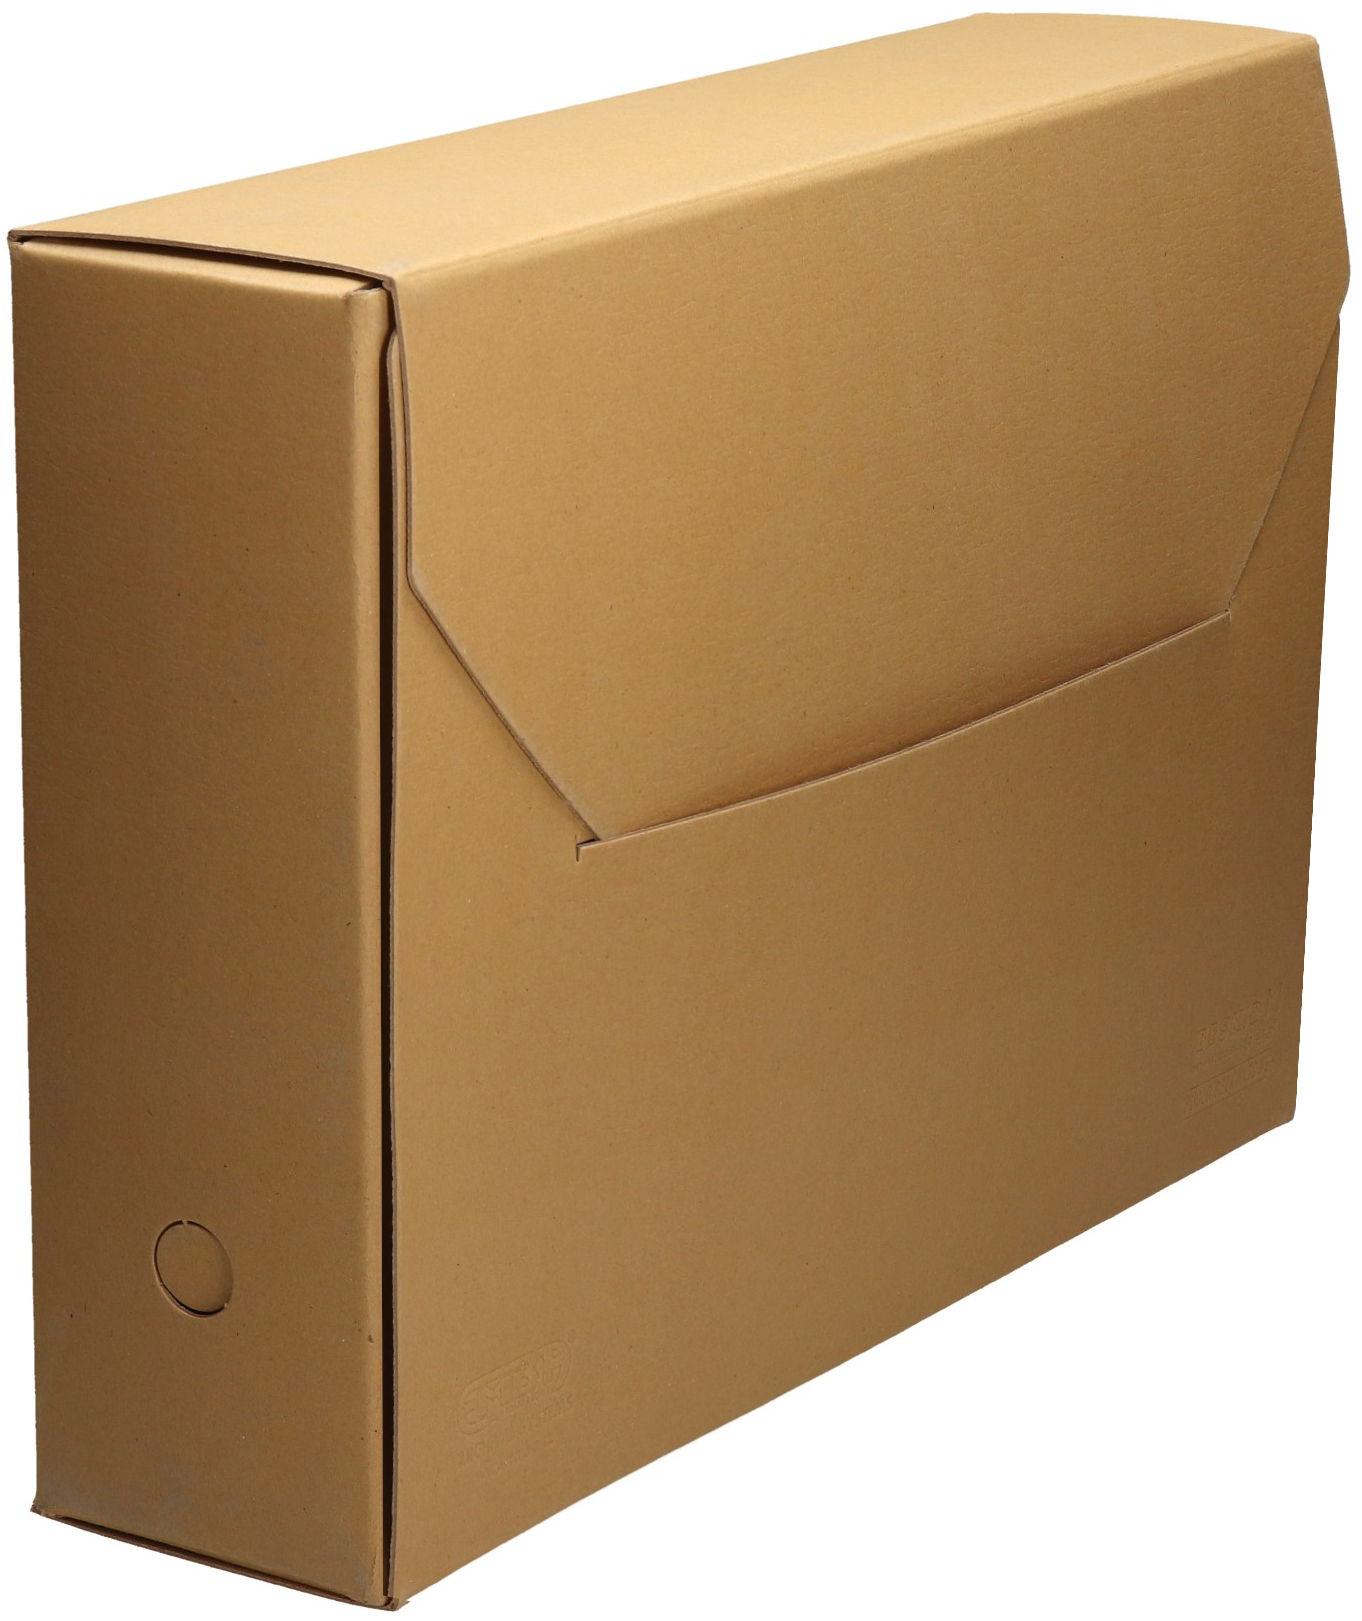 Pudło archiwizacyjne 350x260x90 1300g/m2